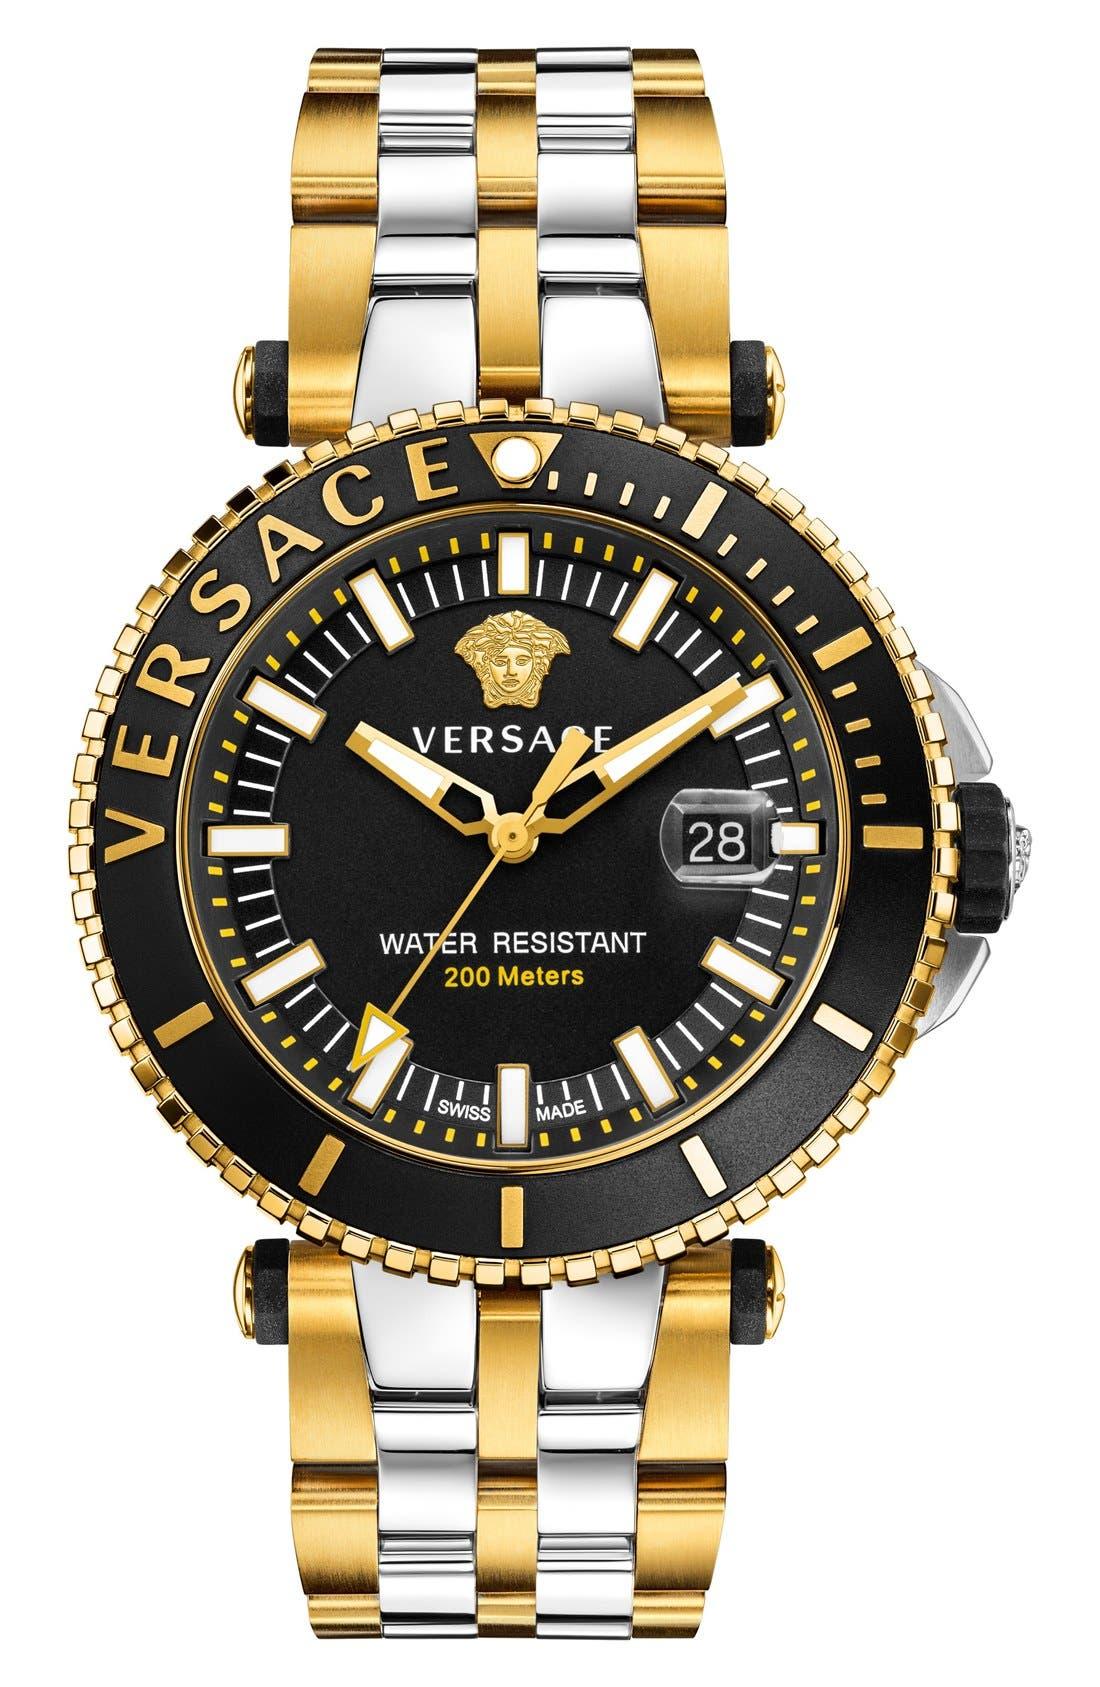 Main Image - Versace 'Diver' Bracelet Watch, 46mm